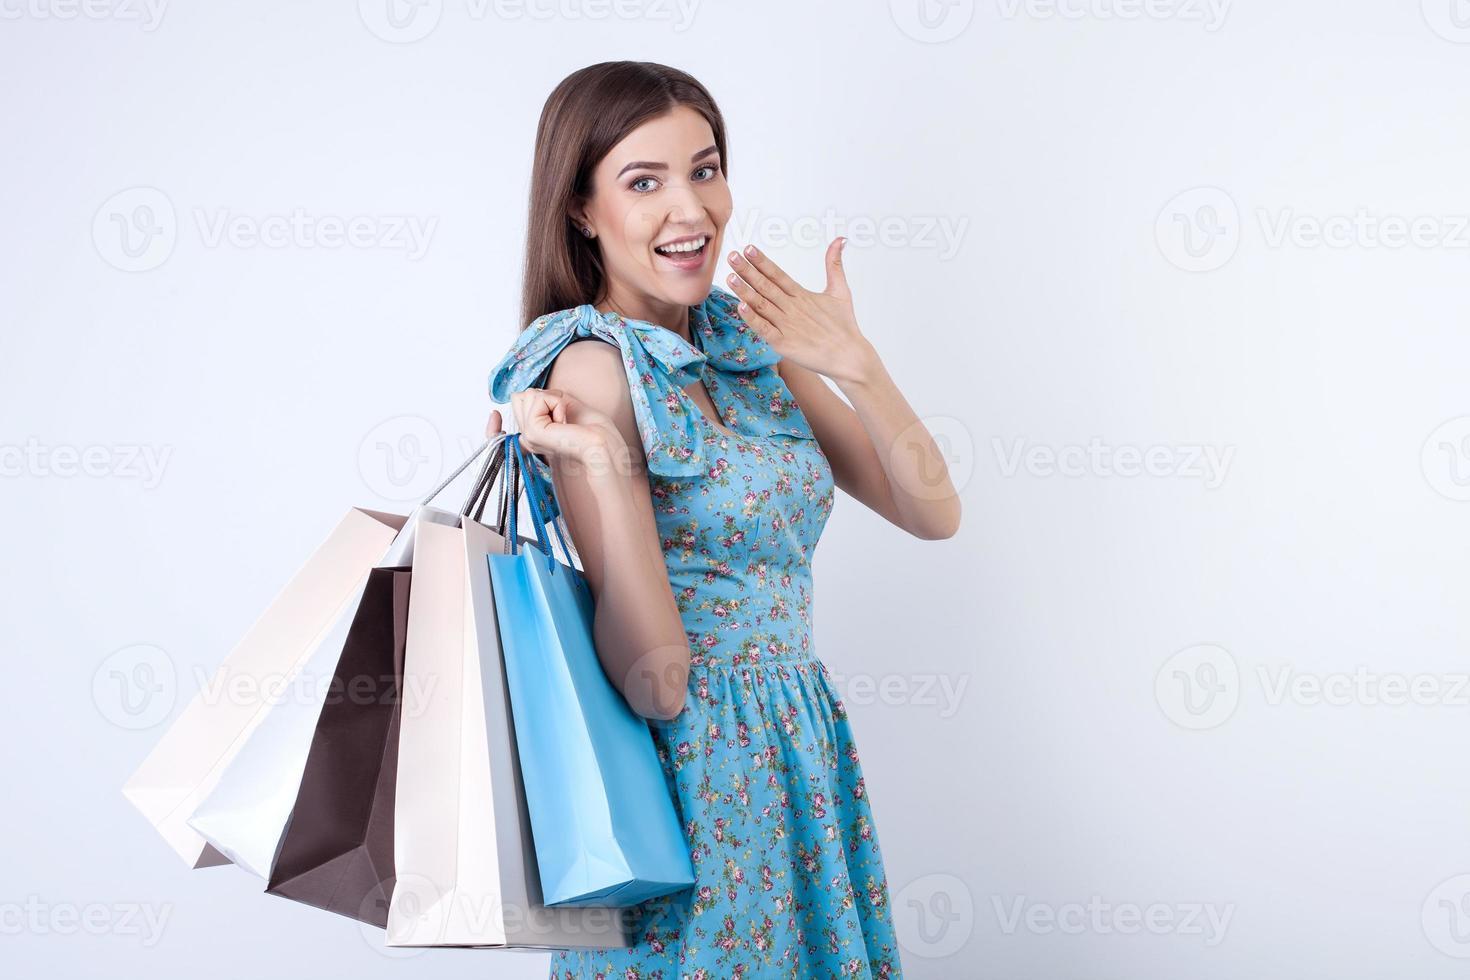 fröhliches junges Mädchen kauft viel Kleidung foto